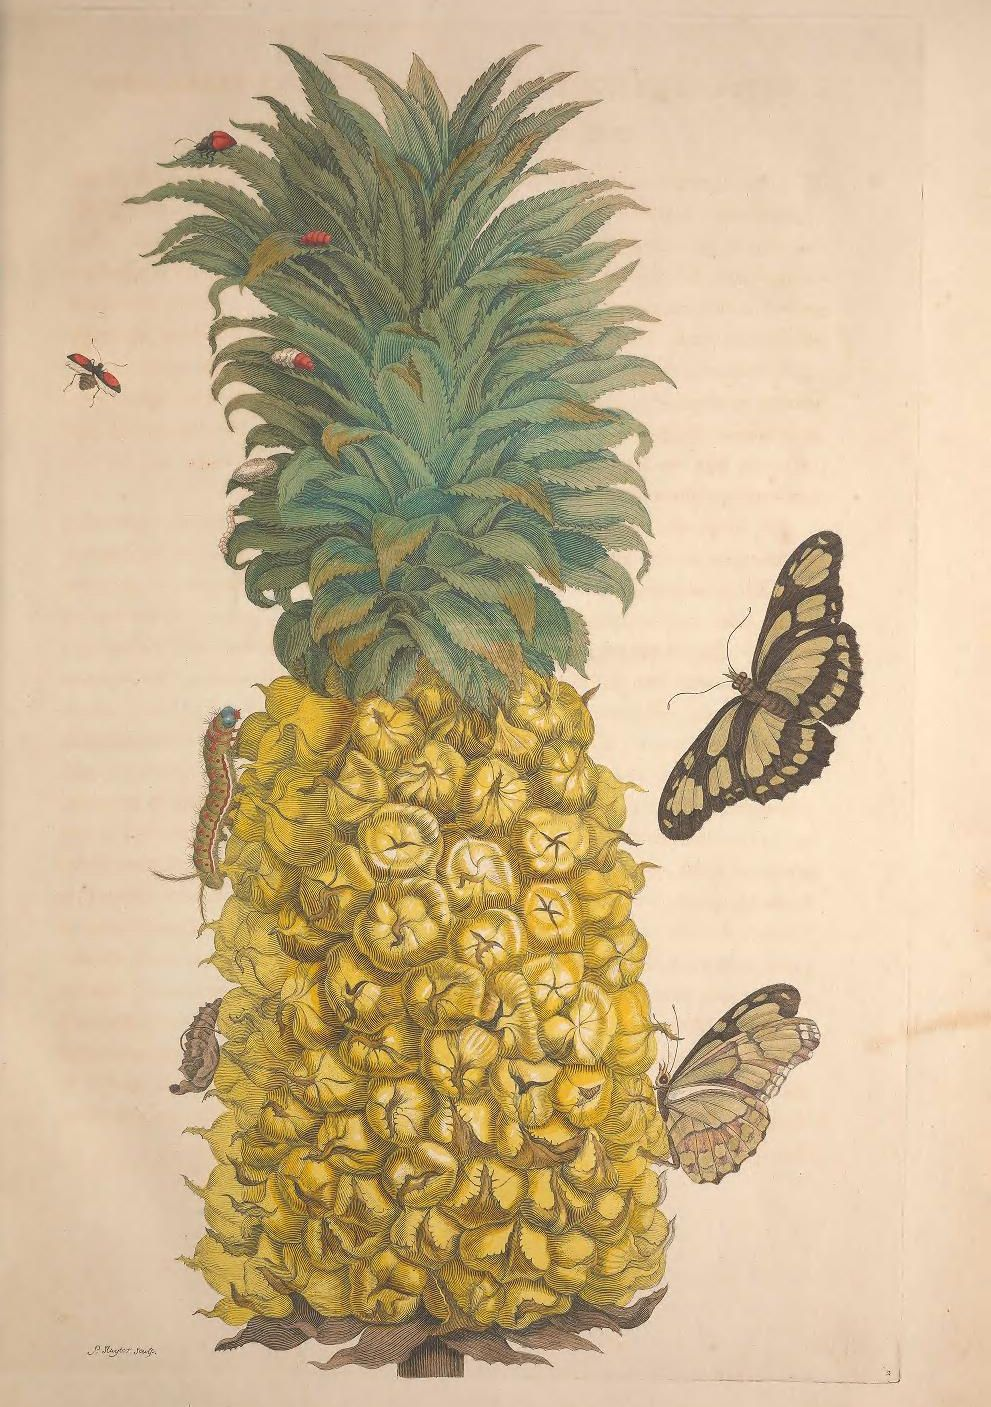 300年前の女性昆虫学者の作品がオープンアクセスに_c0025115_22560904.jpg